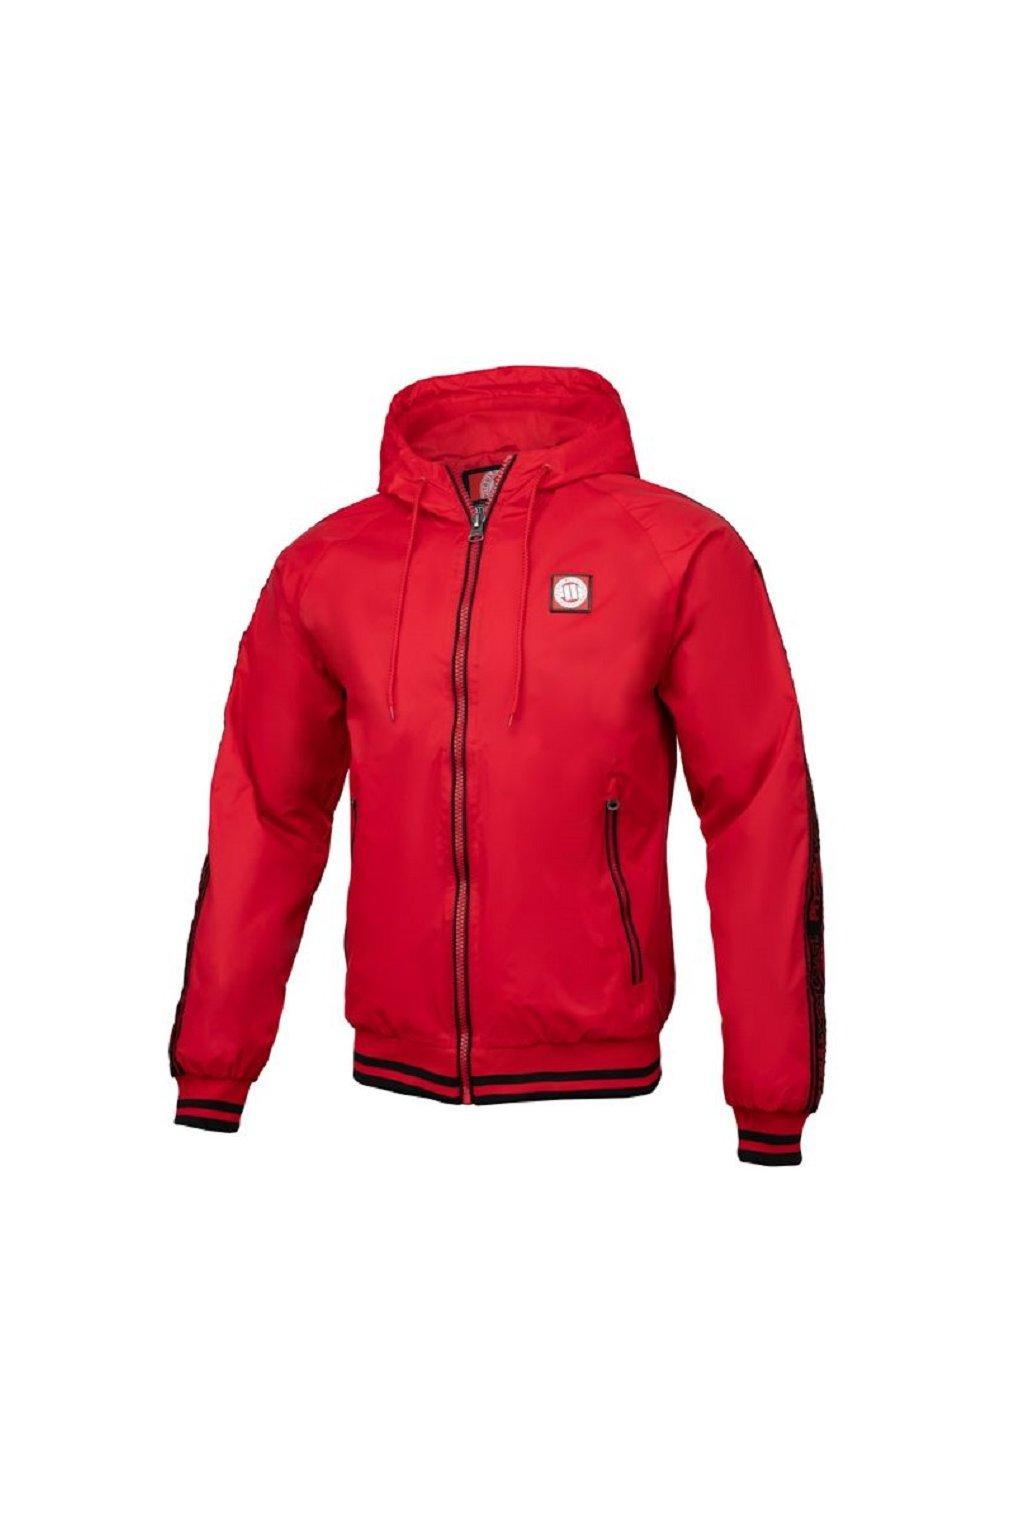 PitBull West Coast - letní bunda HULL červená obr1